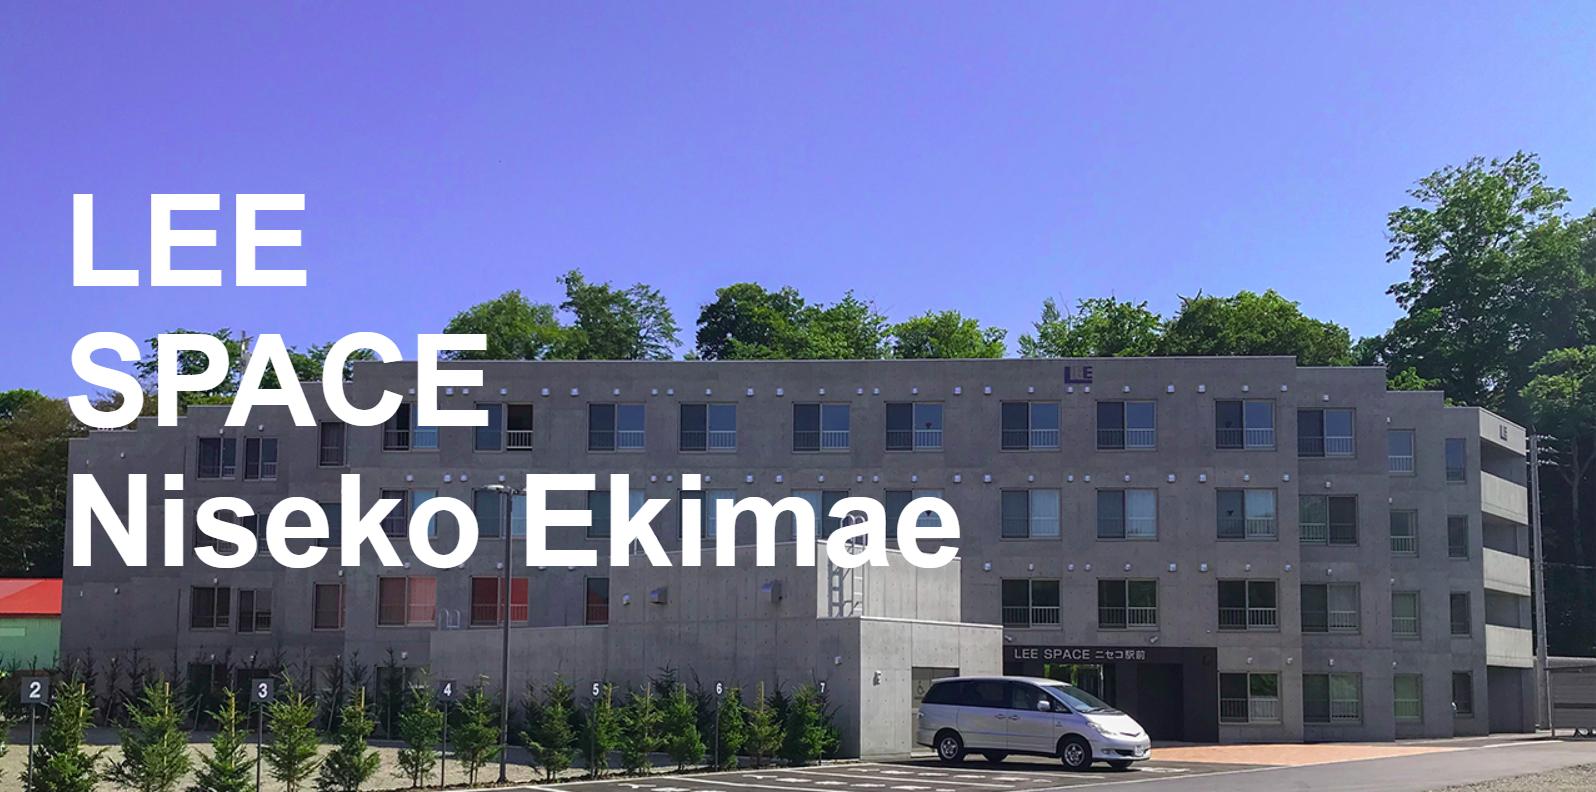 LEE SPACE Niseko Ekimae公寓的外观